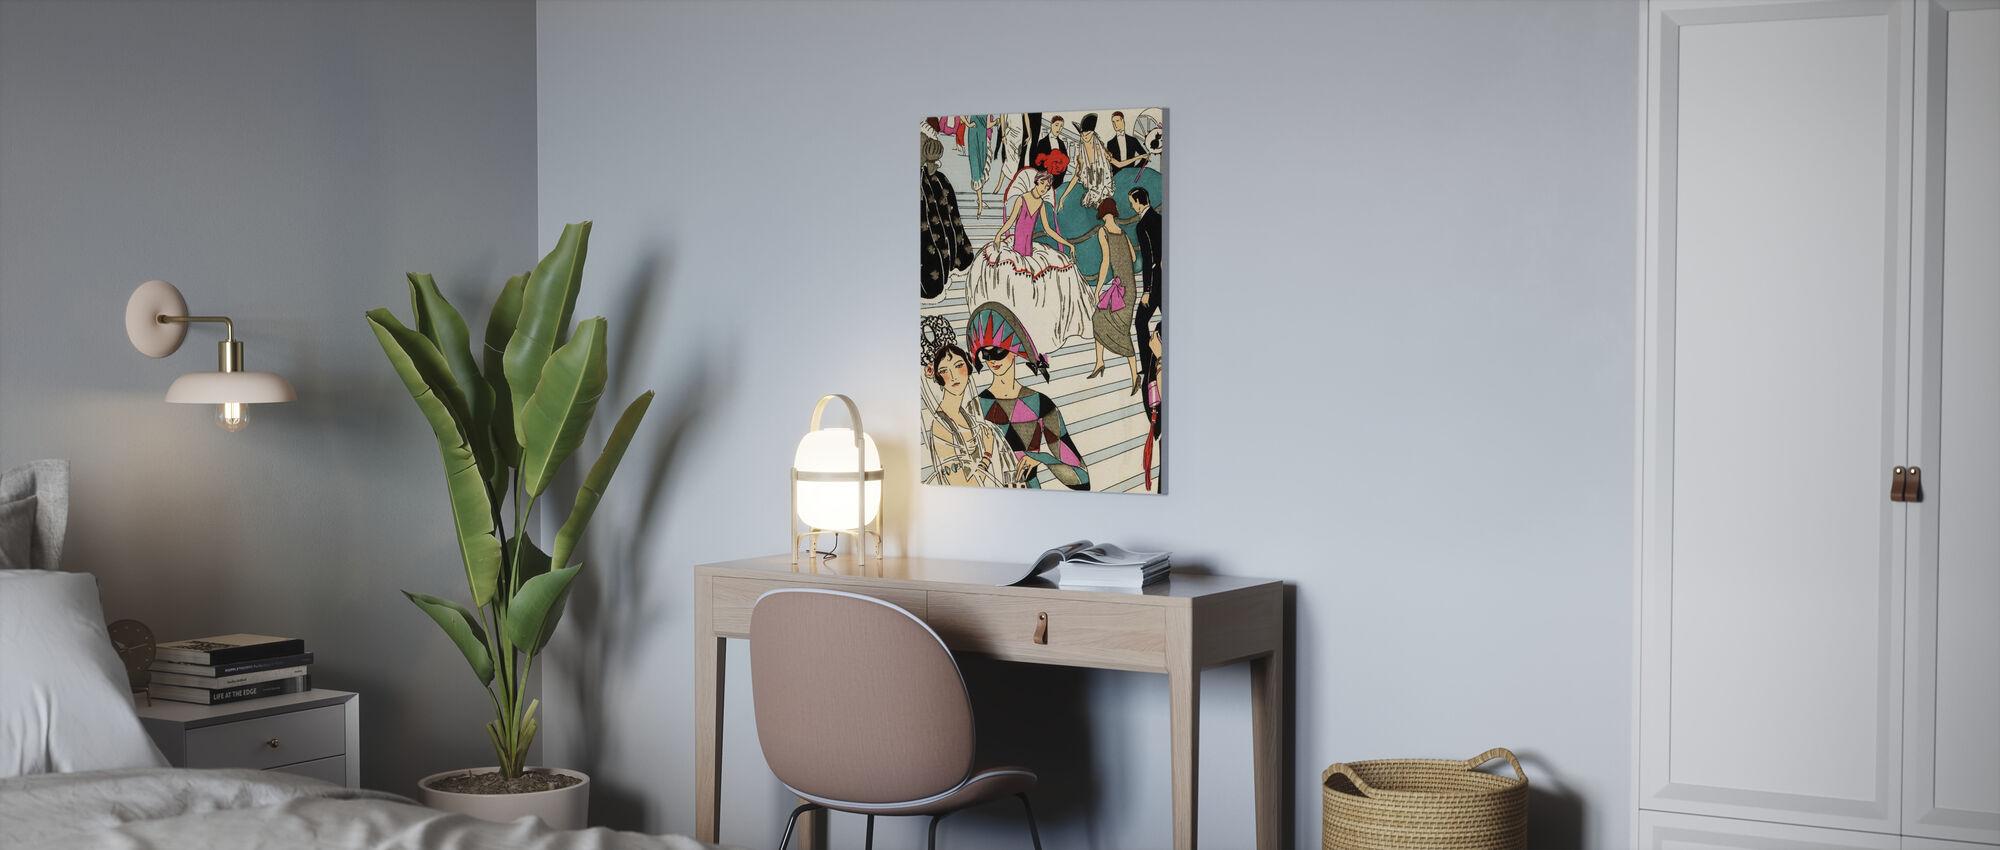 Masquerade Ball - Canvas print - Office